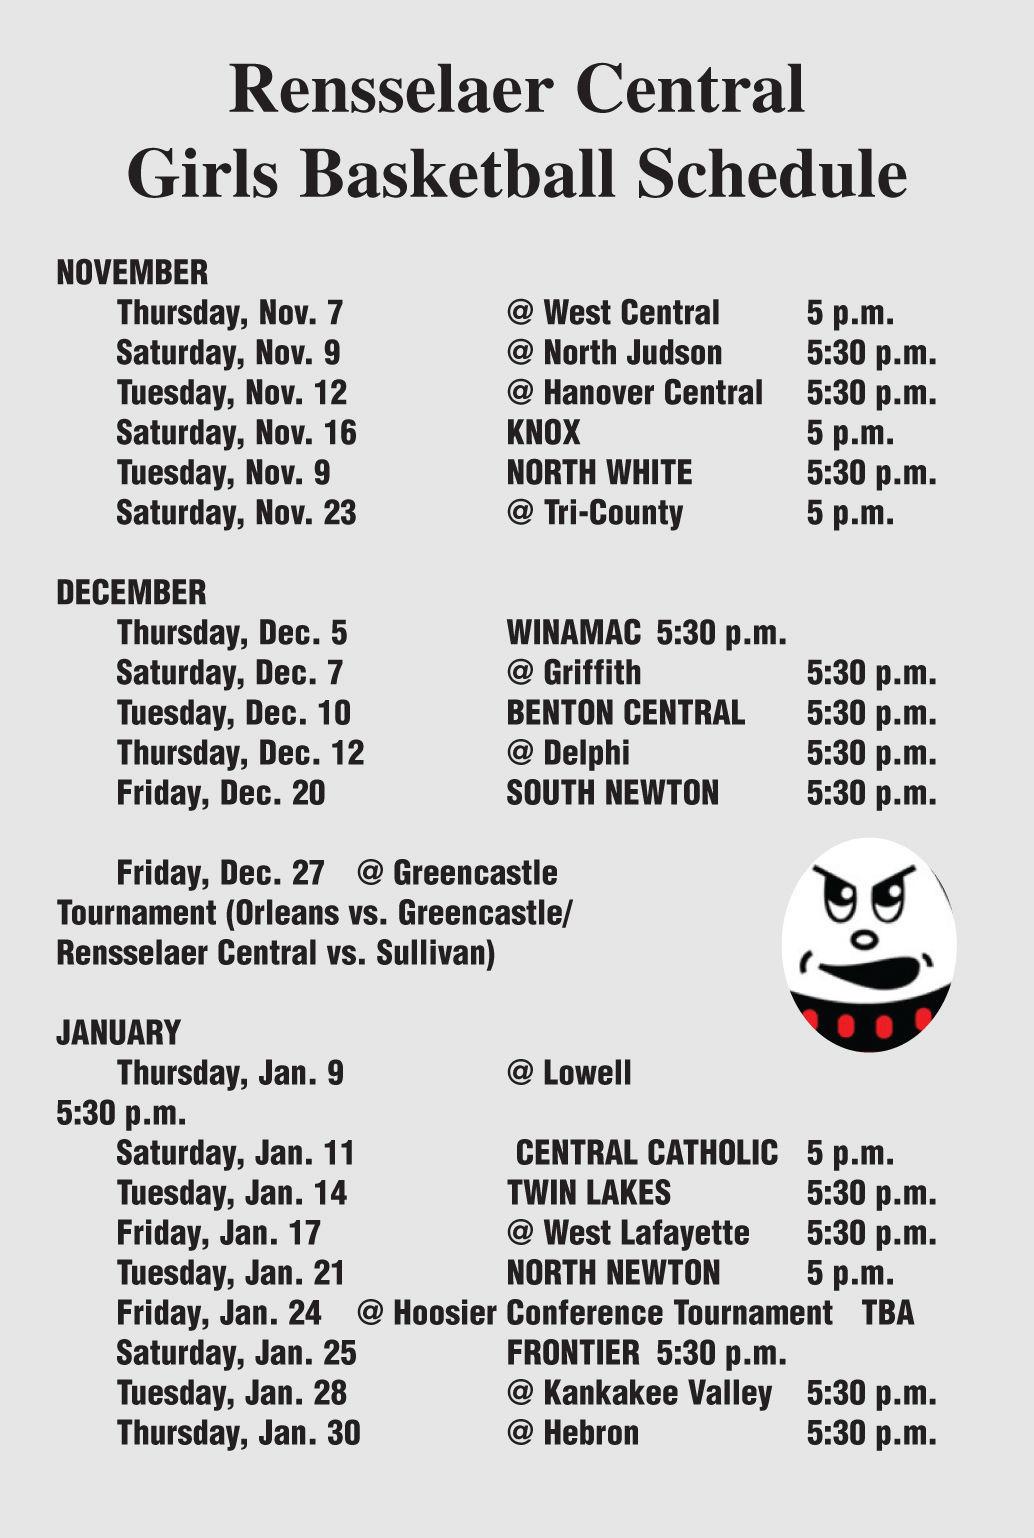 RCHS girls' basketball 2019-20 schedule